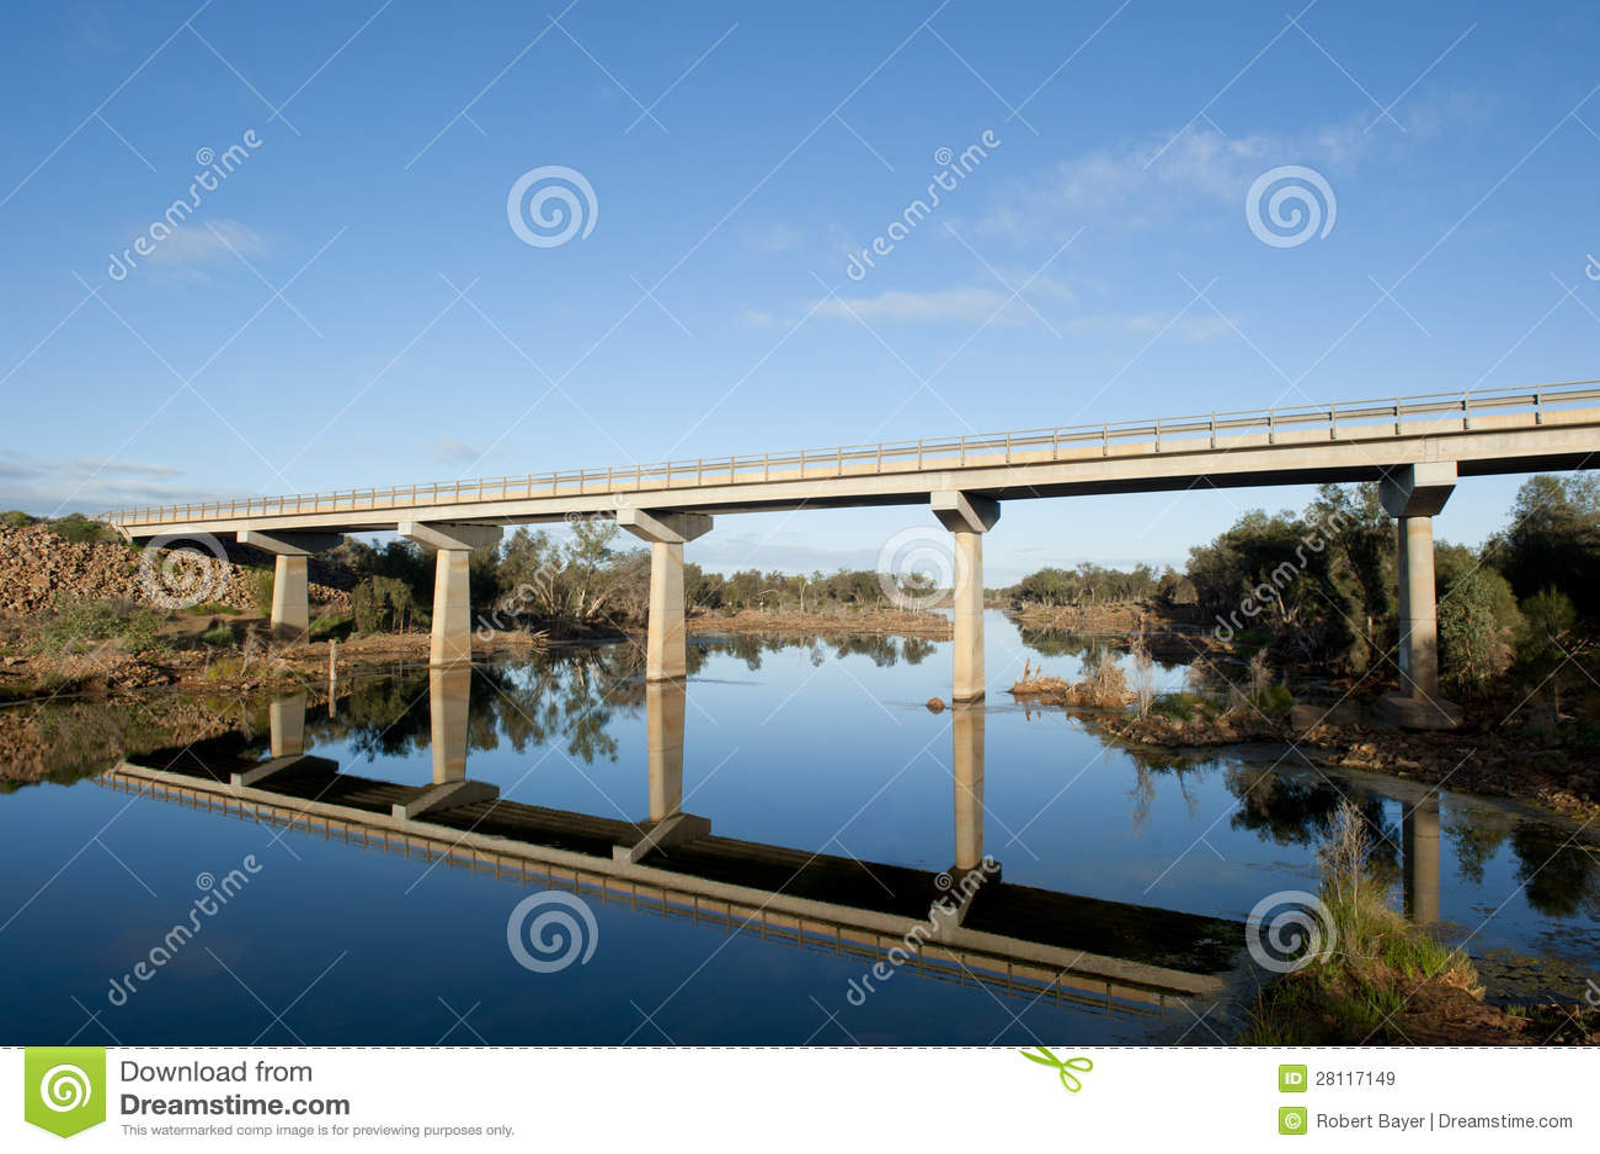 高速公路桥梁在内地澳大利亚西部